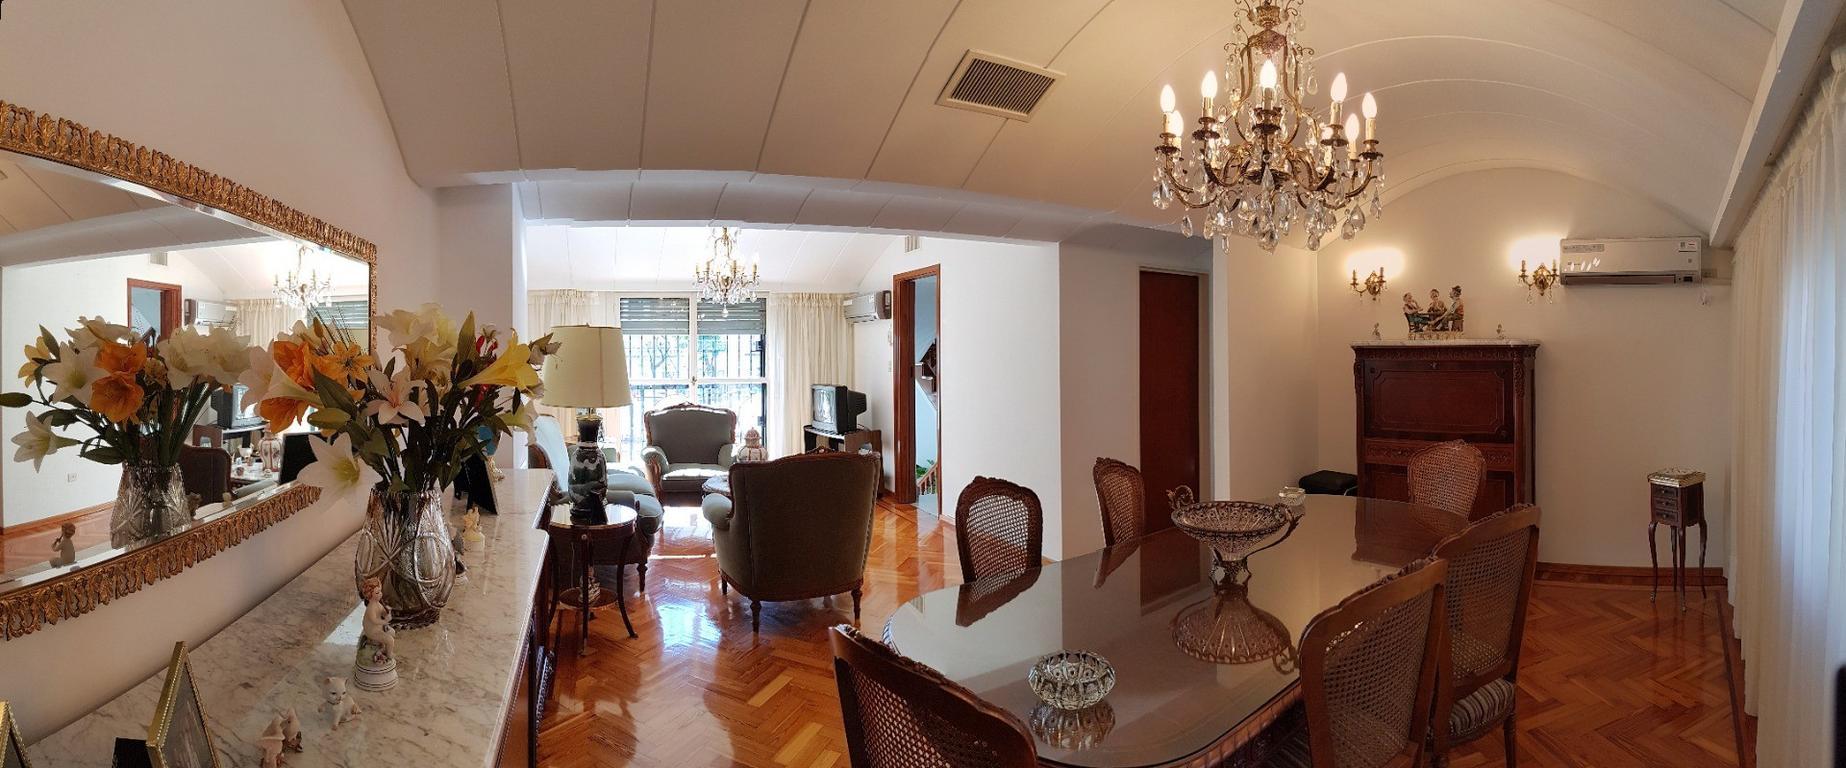 Excelente Casa Sobre Lote Propio en El Centro de Parque Chas Apto Credito